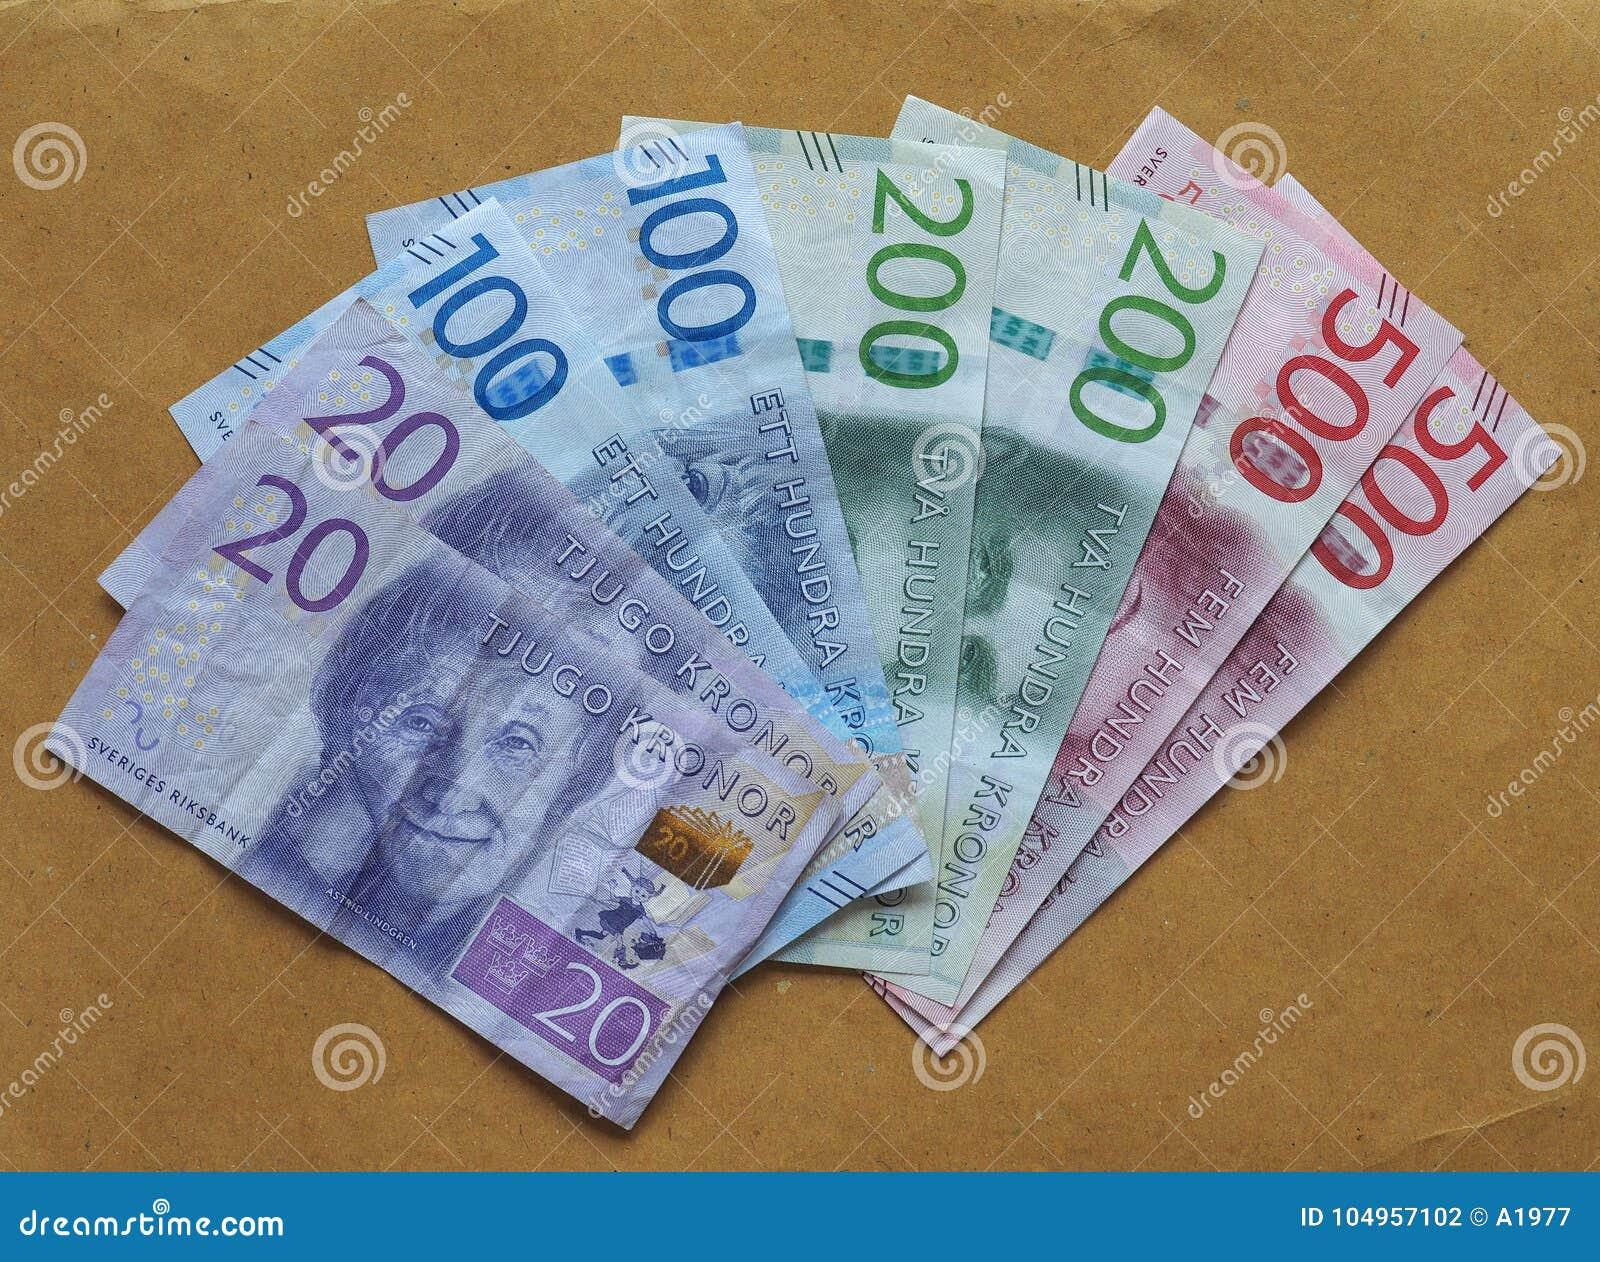 sverige valuta